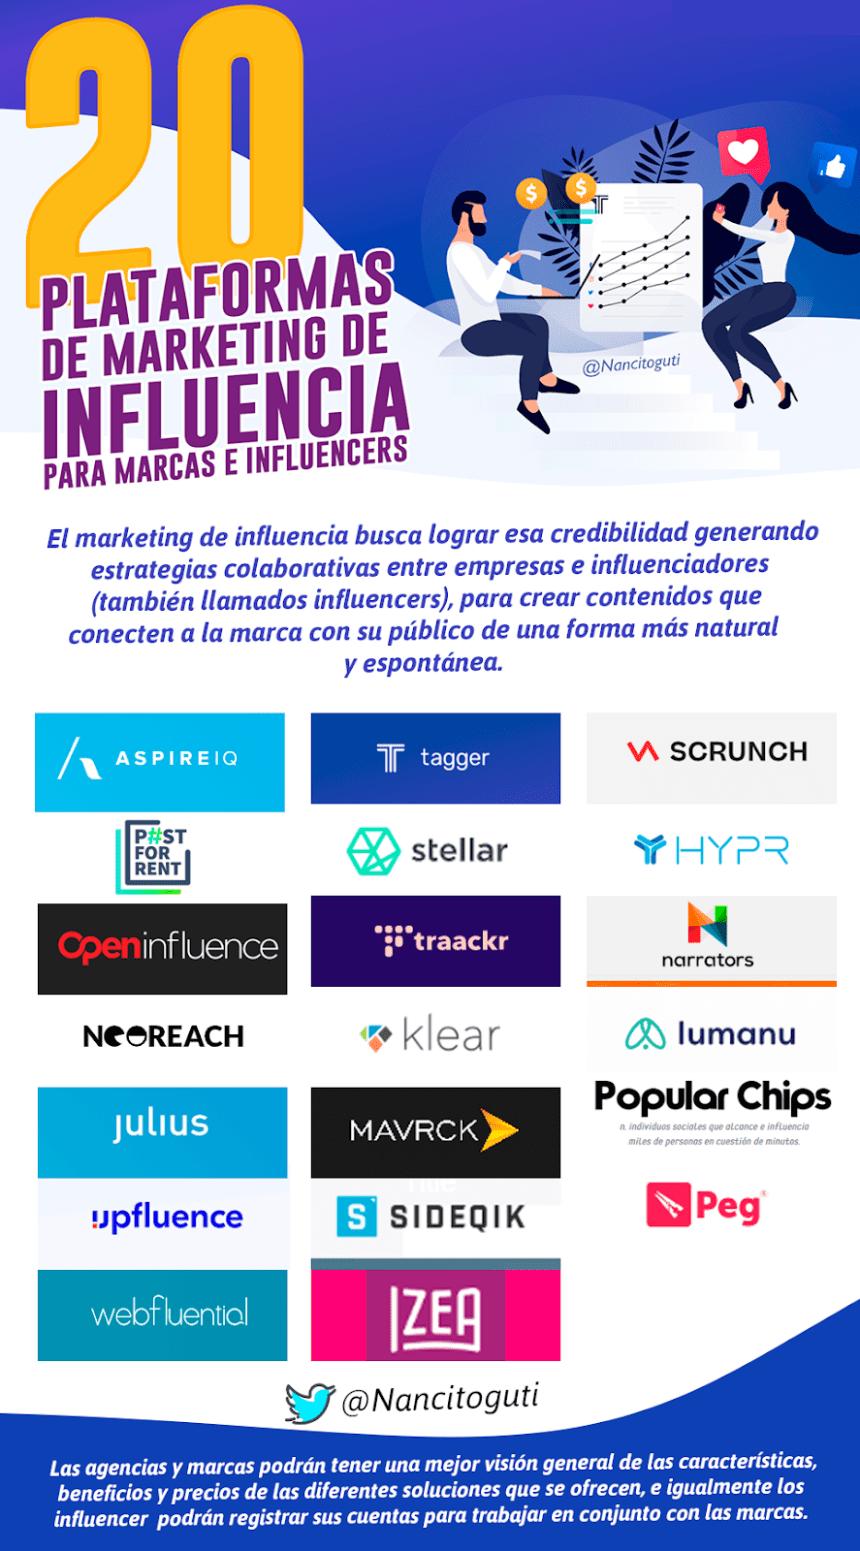 20 plataformas de marketing de influencia para marcas e influencers